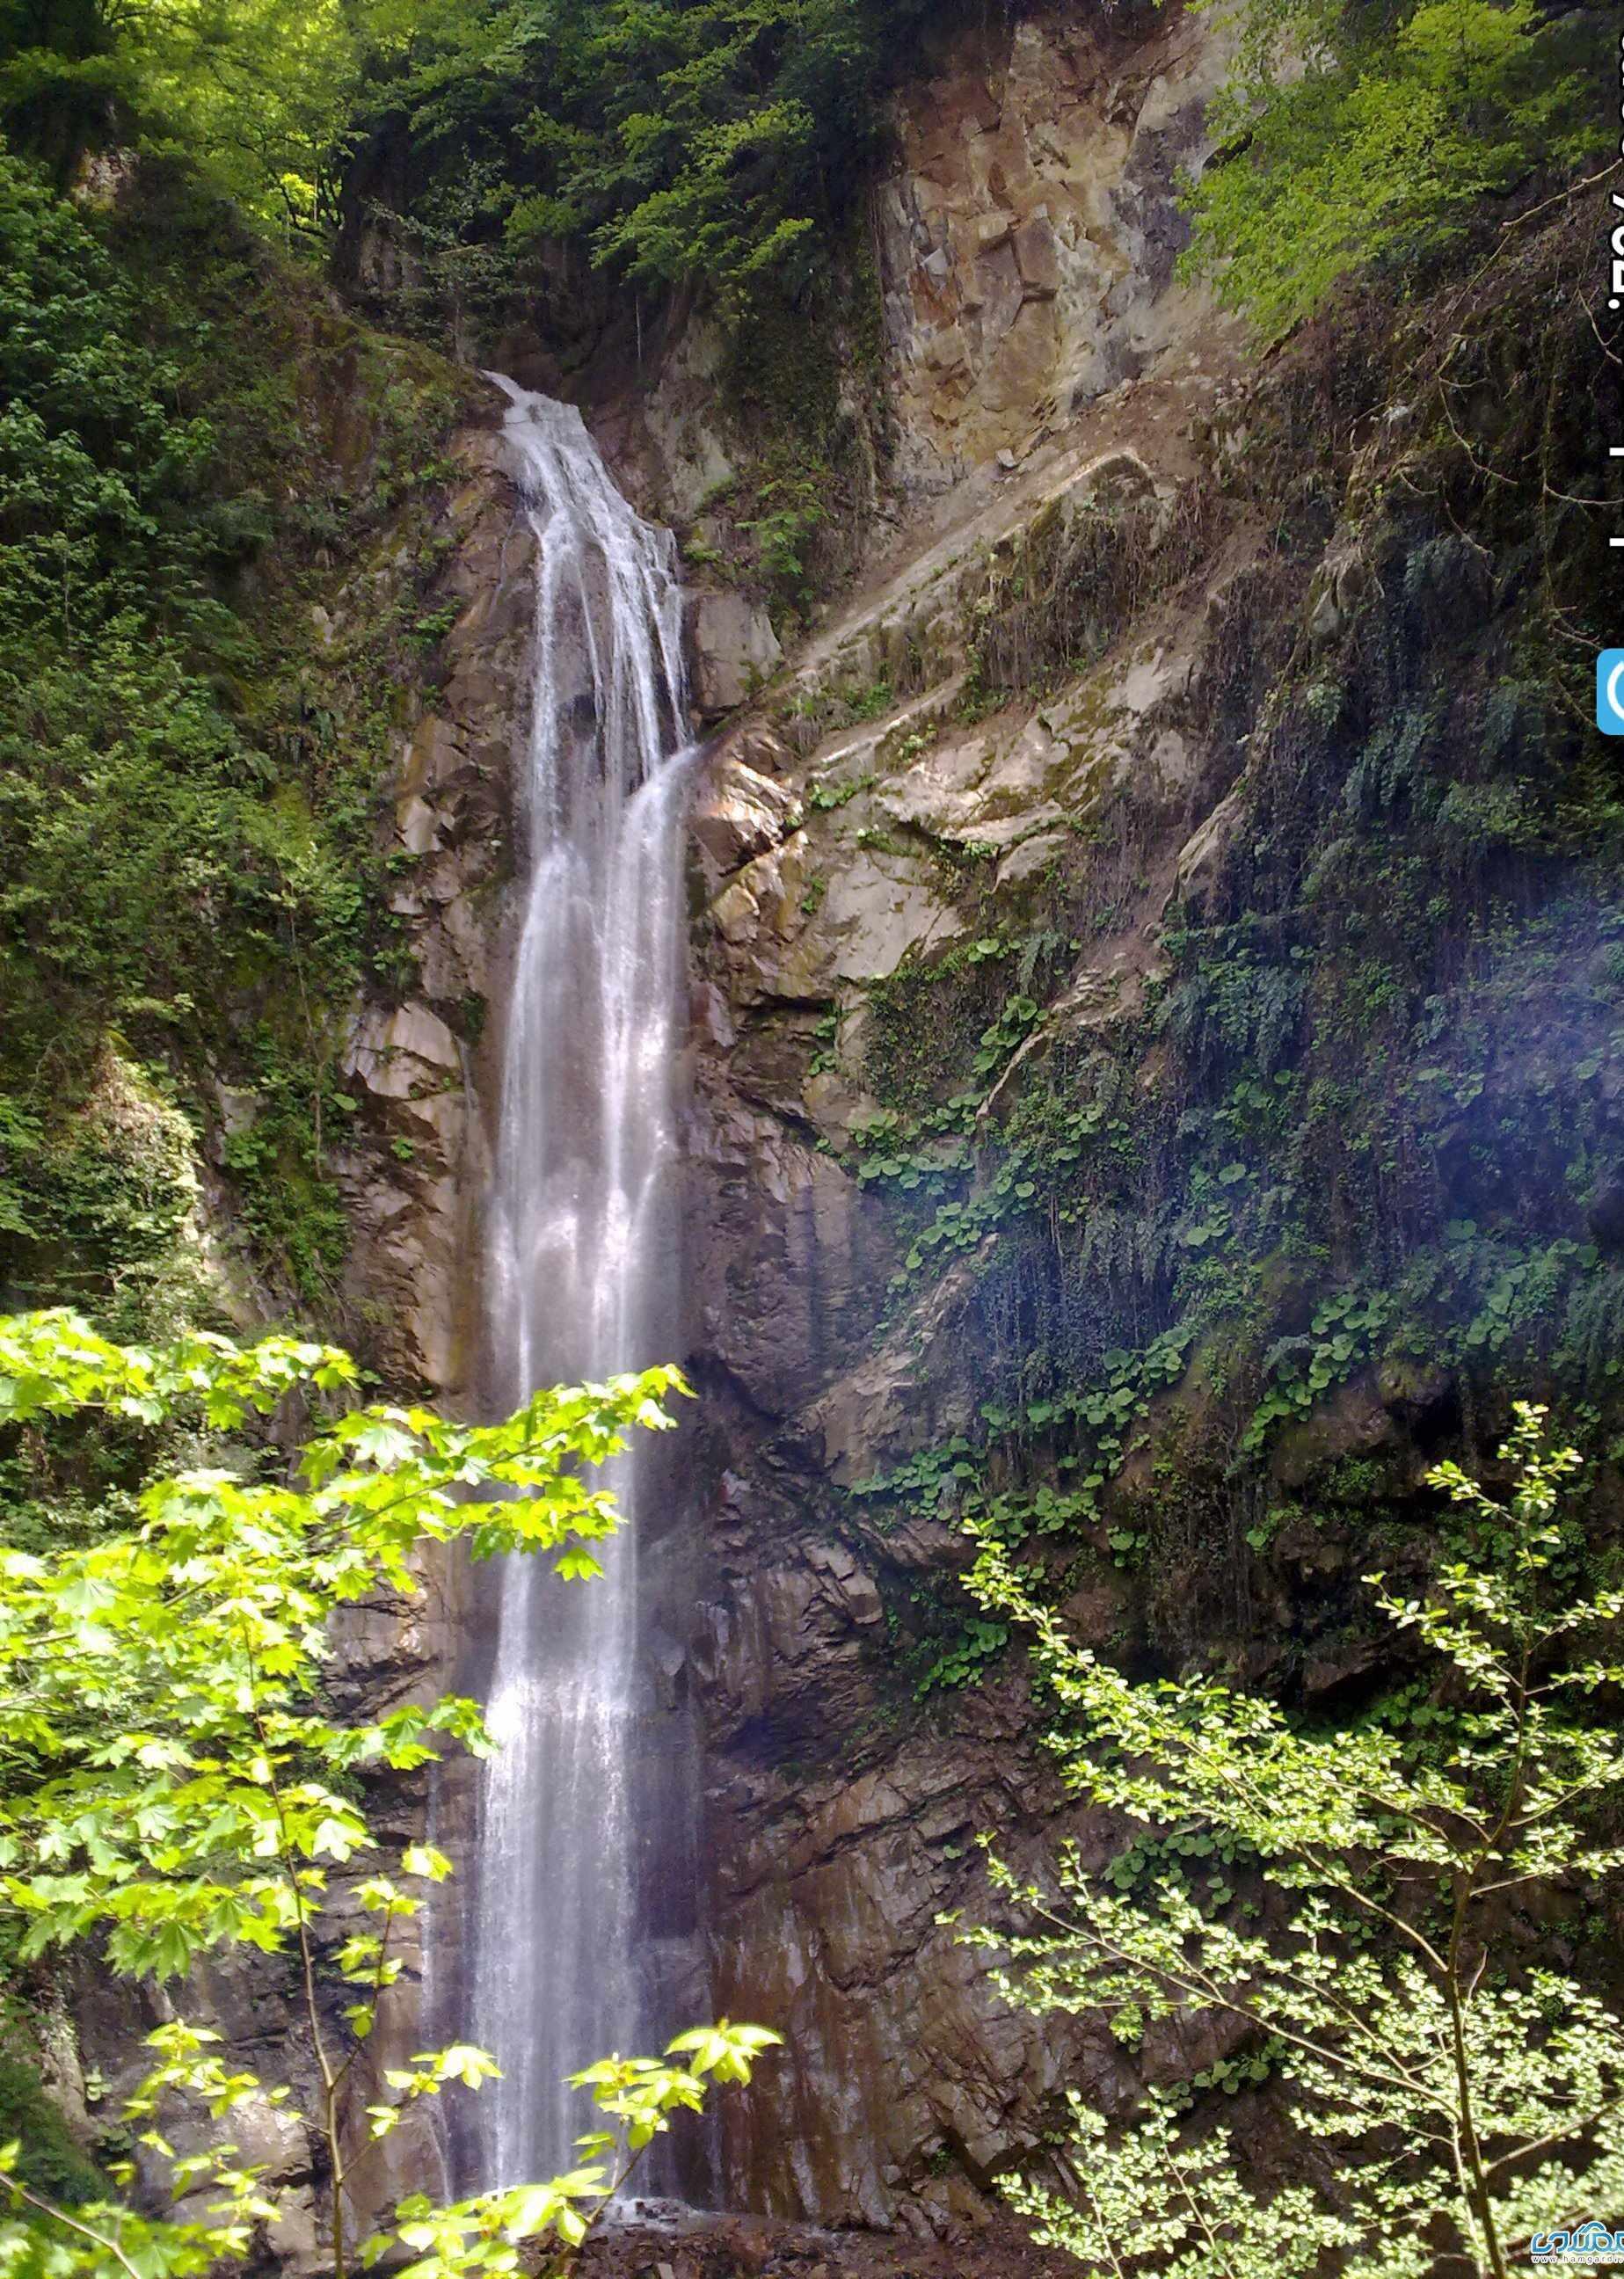 آبشار شادان، یکی از بزرگتری آبشارهای گلستان